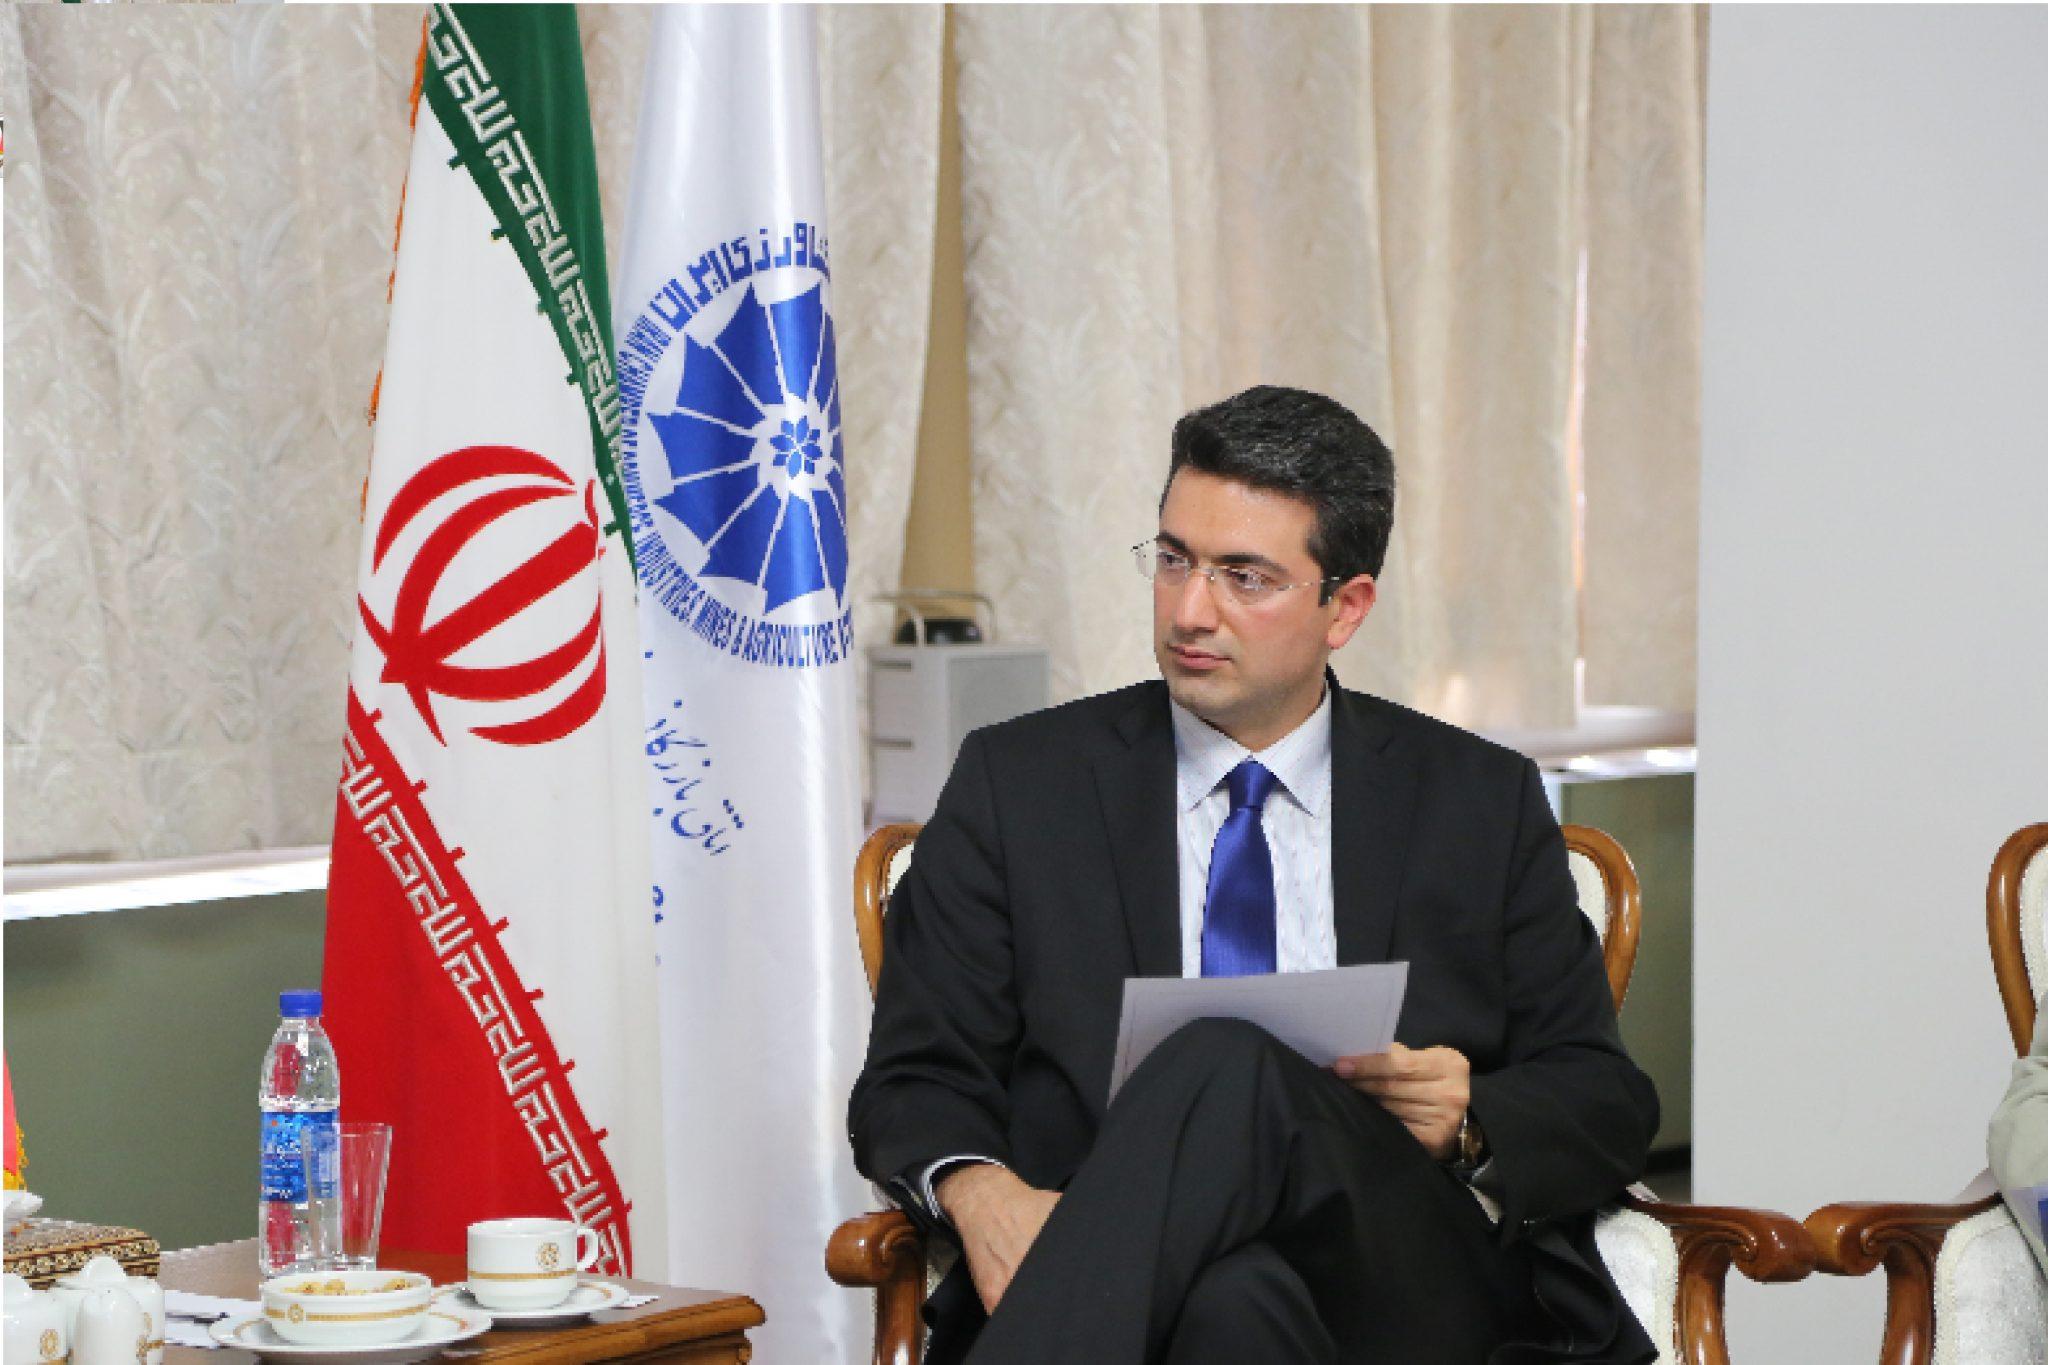 ۸۰ میلیارد دلار اروپاییها برای شرکتهای کوچک و متوسط ایران